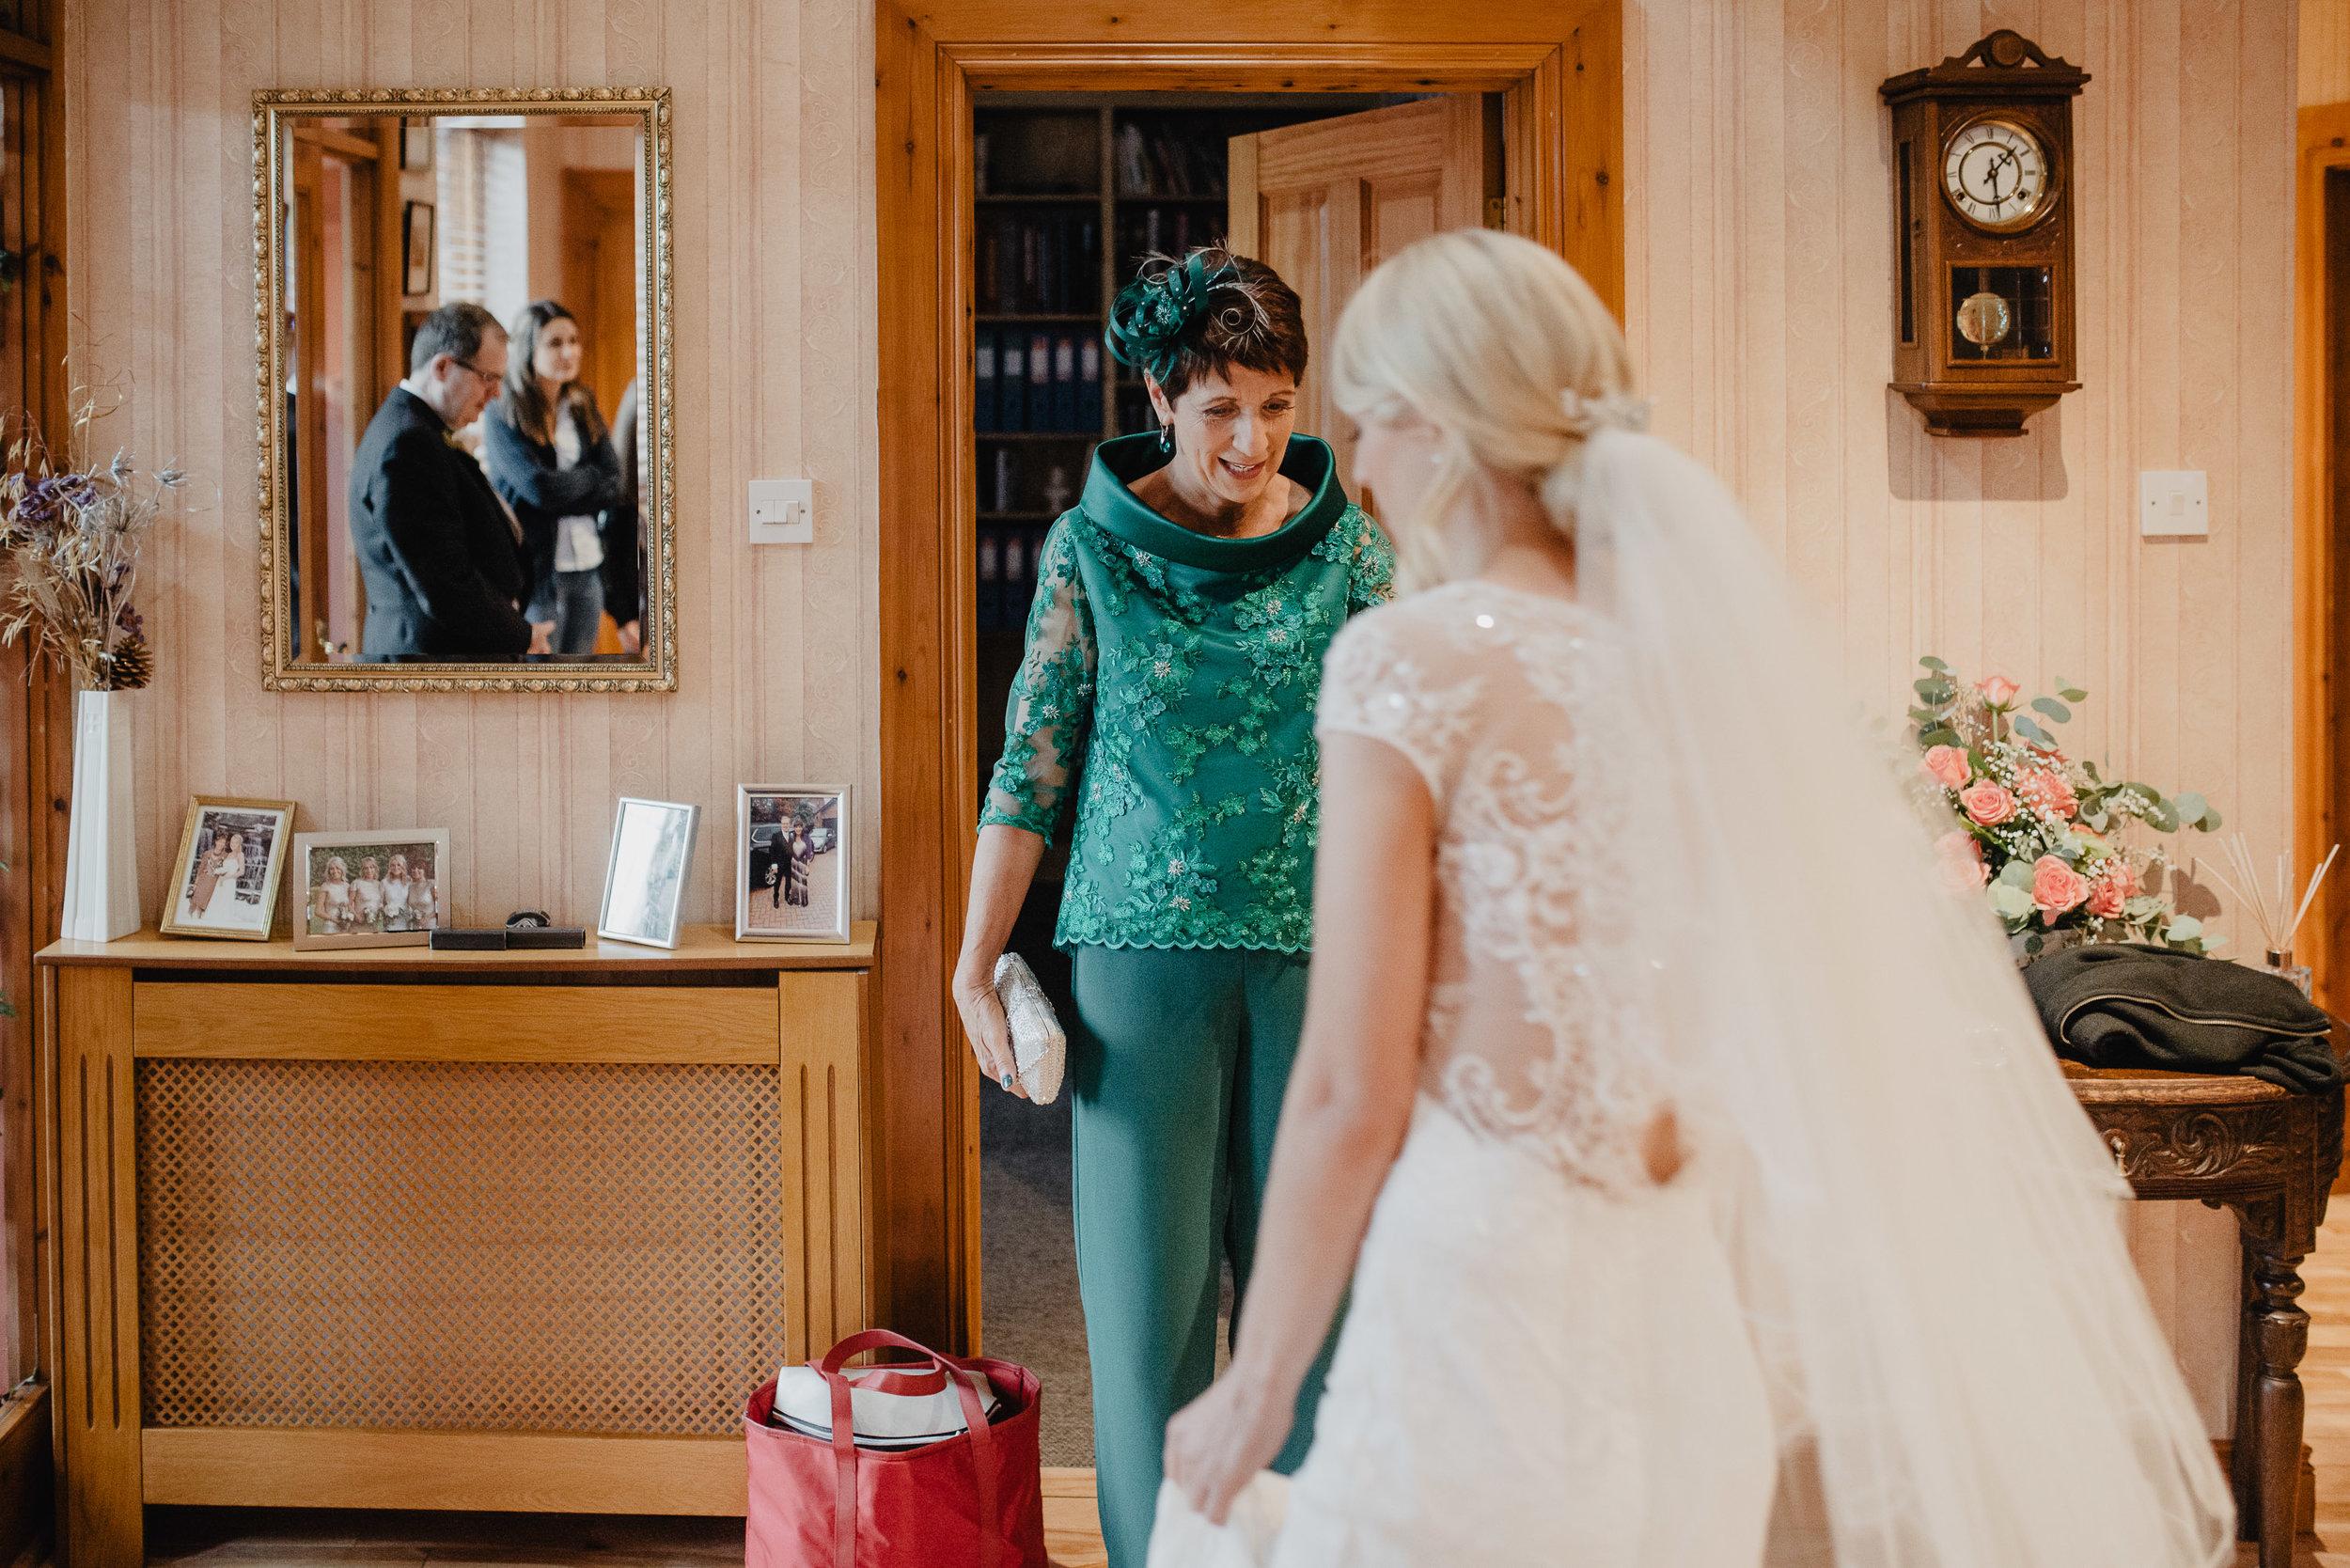 larchfield estate wedding photos-28.jpg